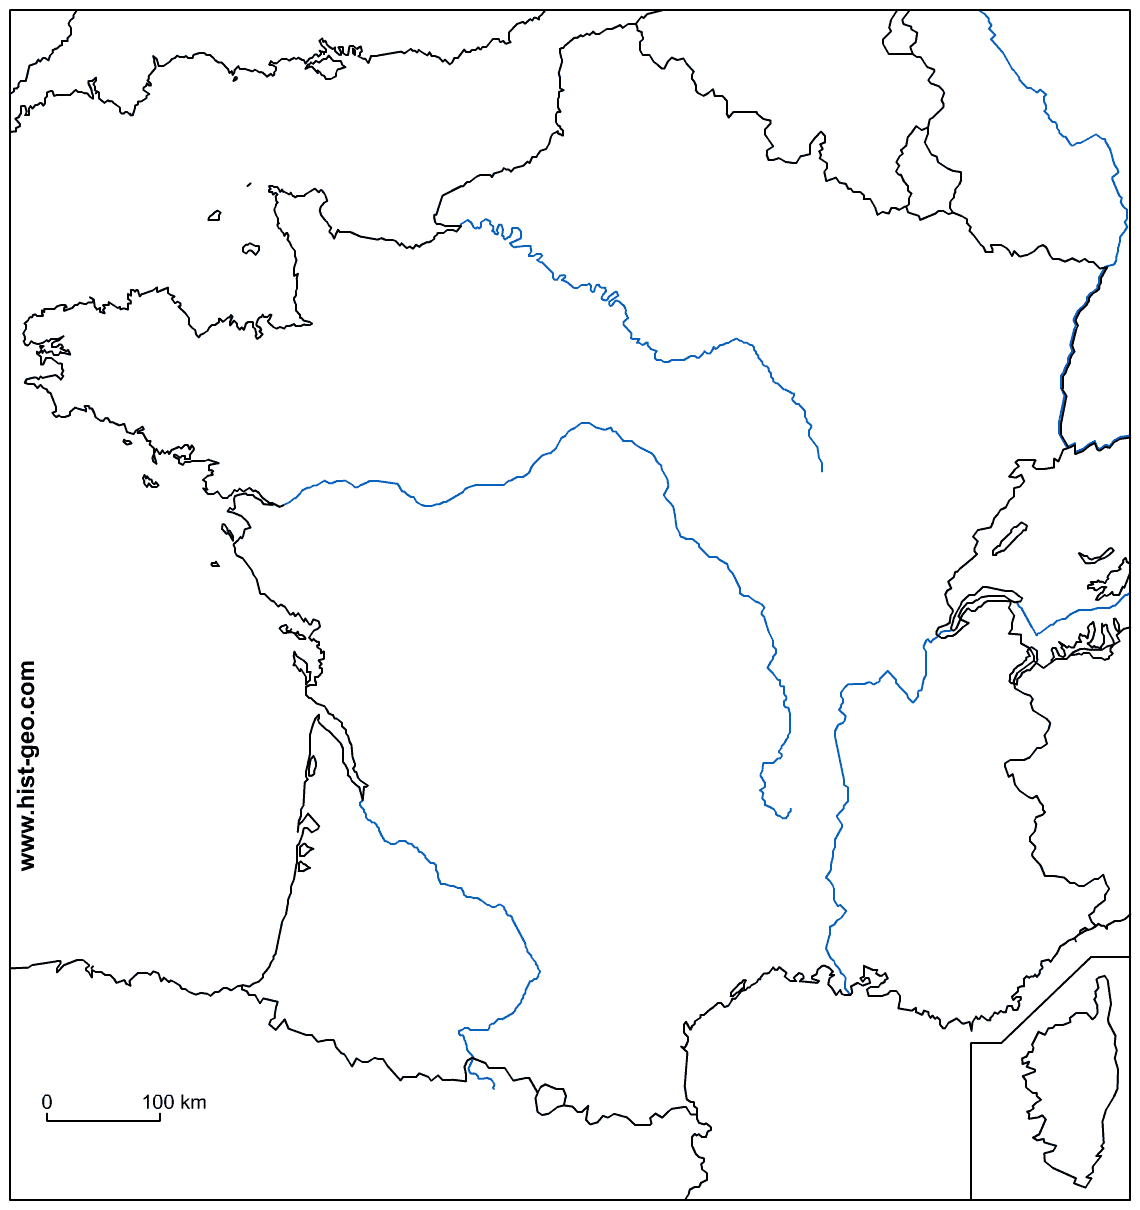 Carte De France: Carte De France Fleuves dedans Fond De Carte France Fleuves